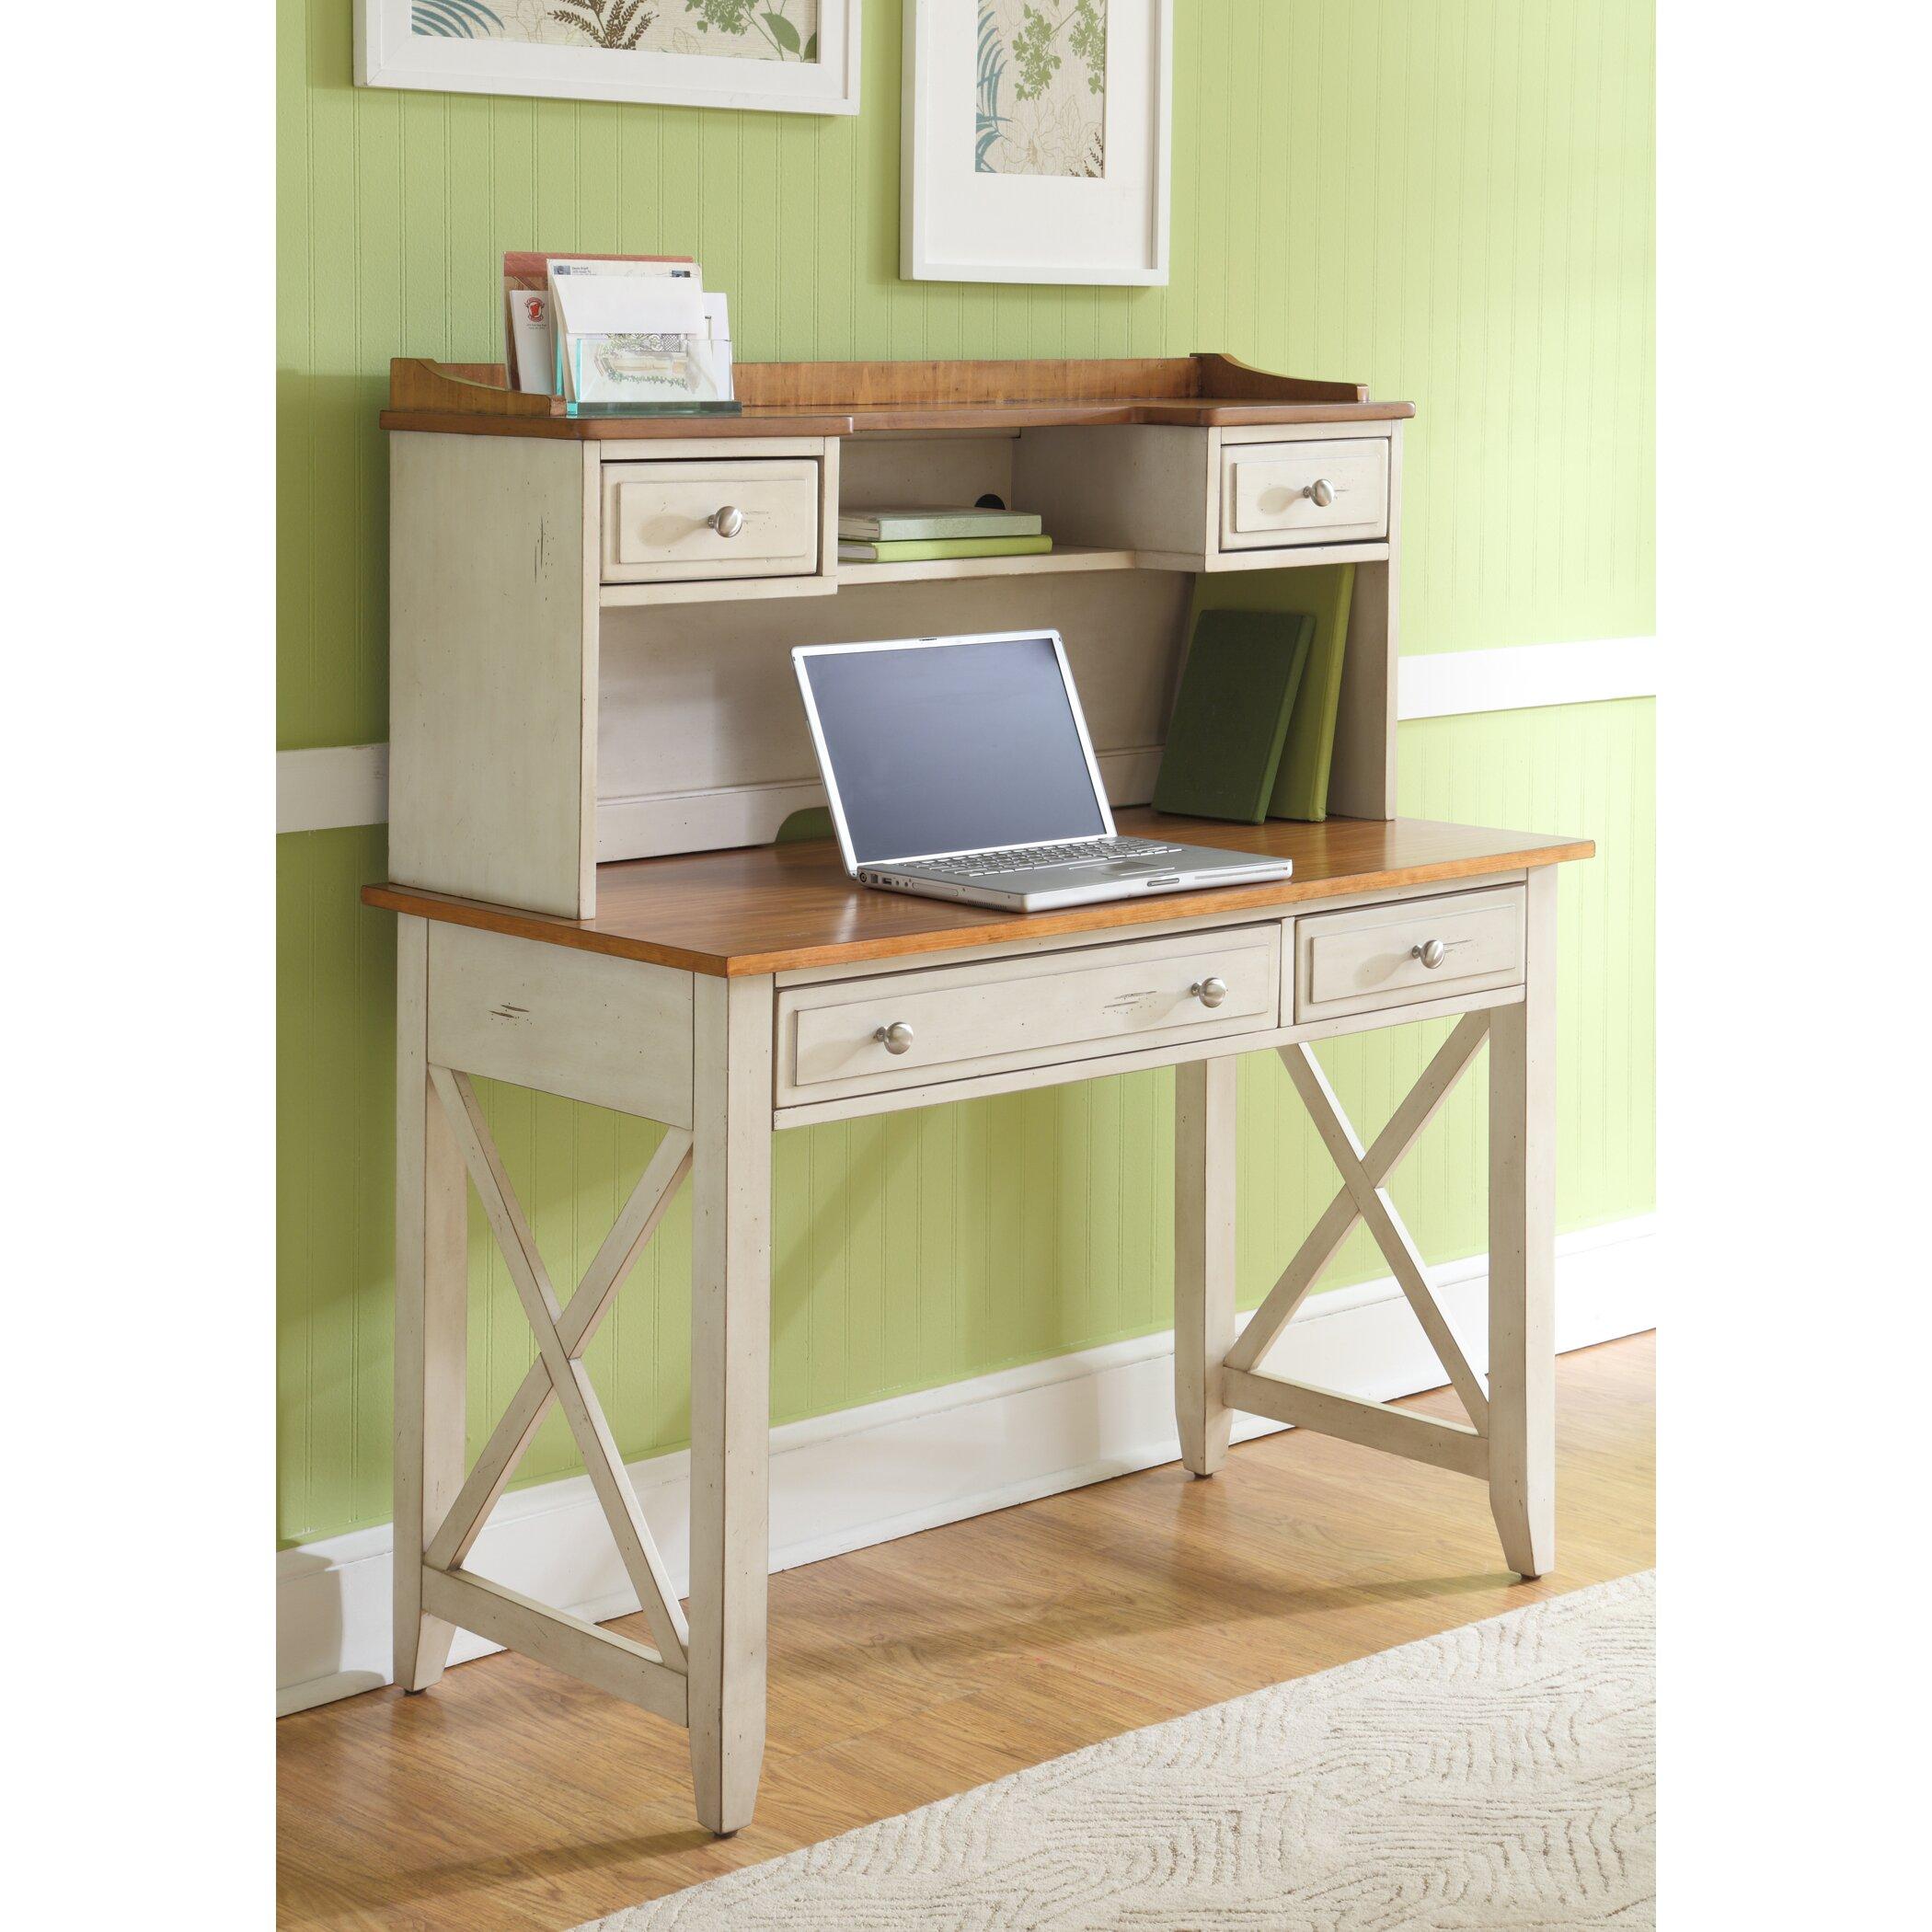 Liberty Furniture 5 Piece Standard Desk Office Suite